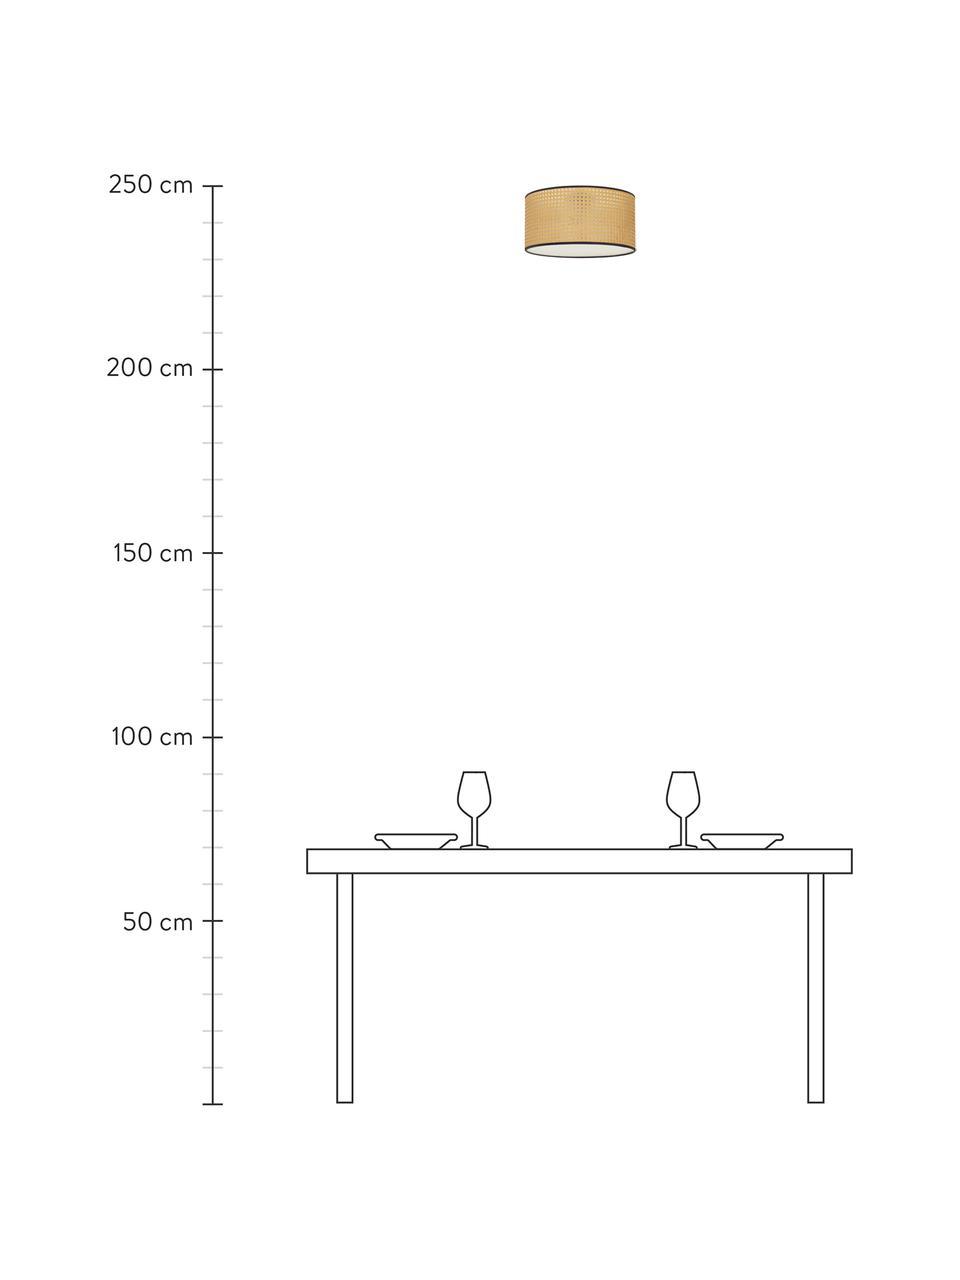 Plafondlamp Vienna van Weens vlechtwerk, Lampenkap: kunststof, Baldakijn: gepoedercoat metaal, Diffuser: acryl, Lampenkap: beige, zwart. Baldakijn: mat zwart, Ø 40 x H 20 cm